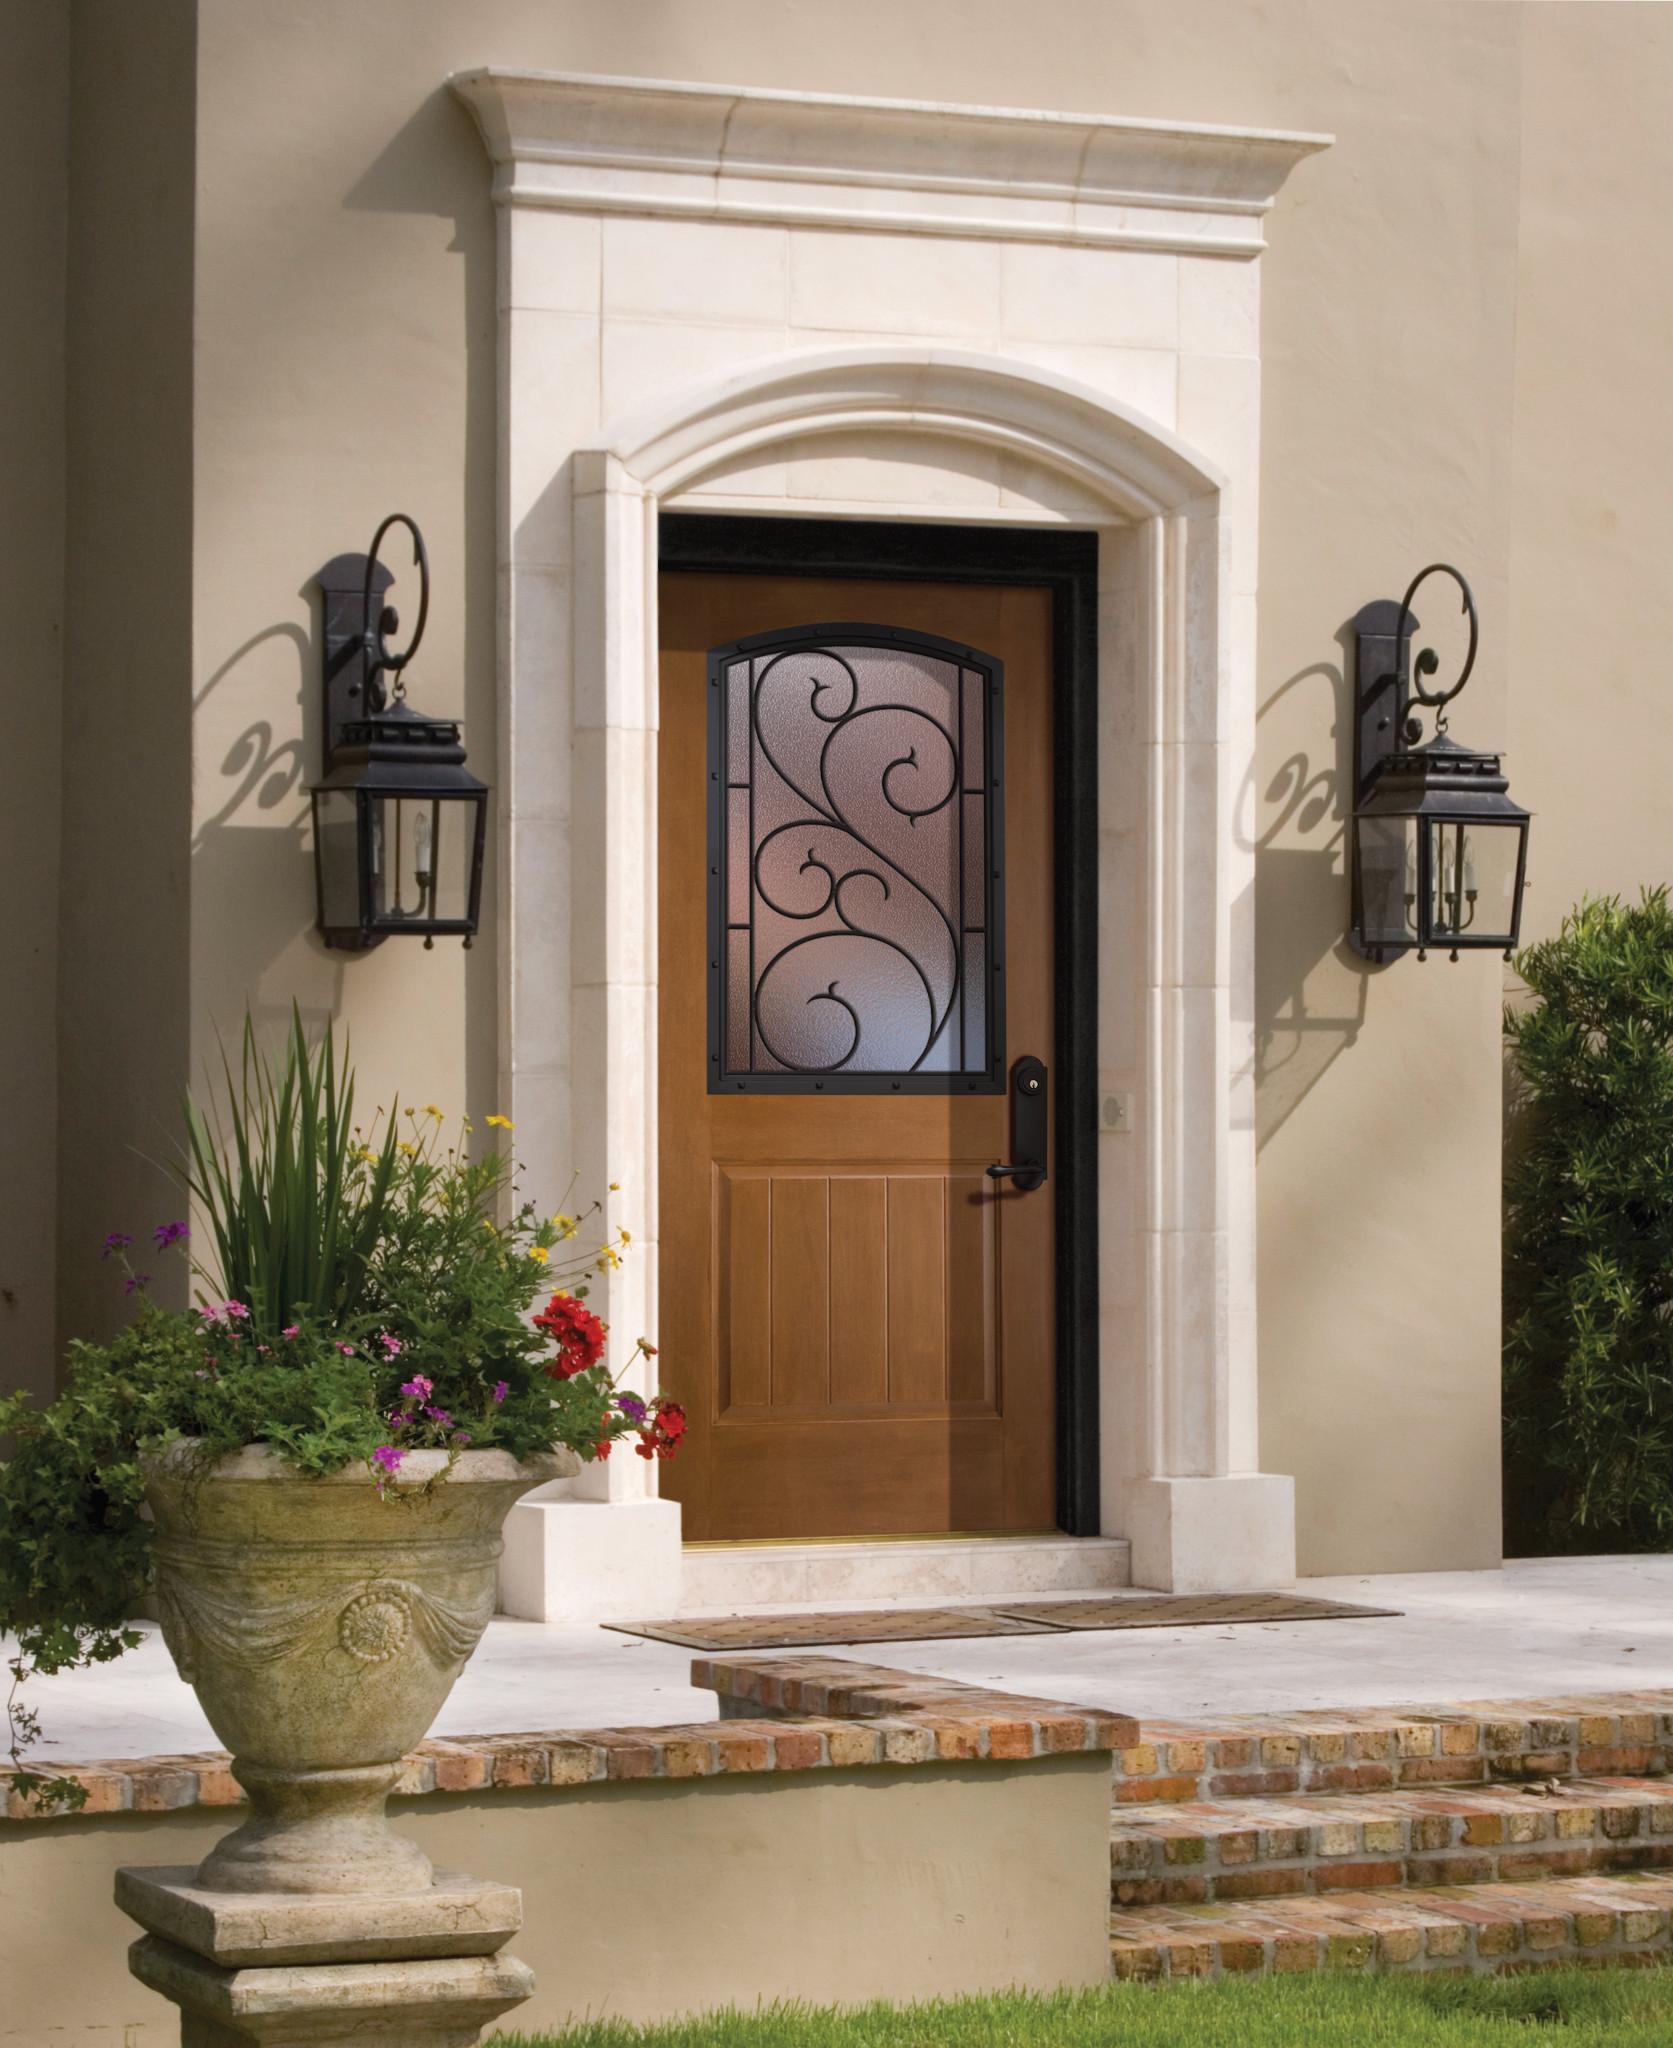 Portes extérieures à 1panneau et demi-fenêtre avec courbure